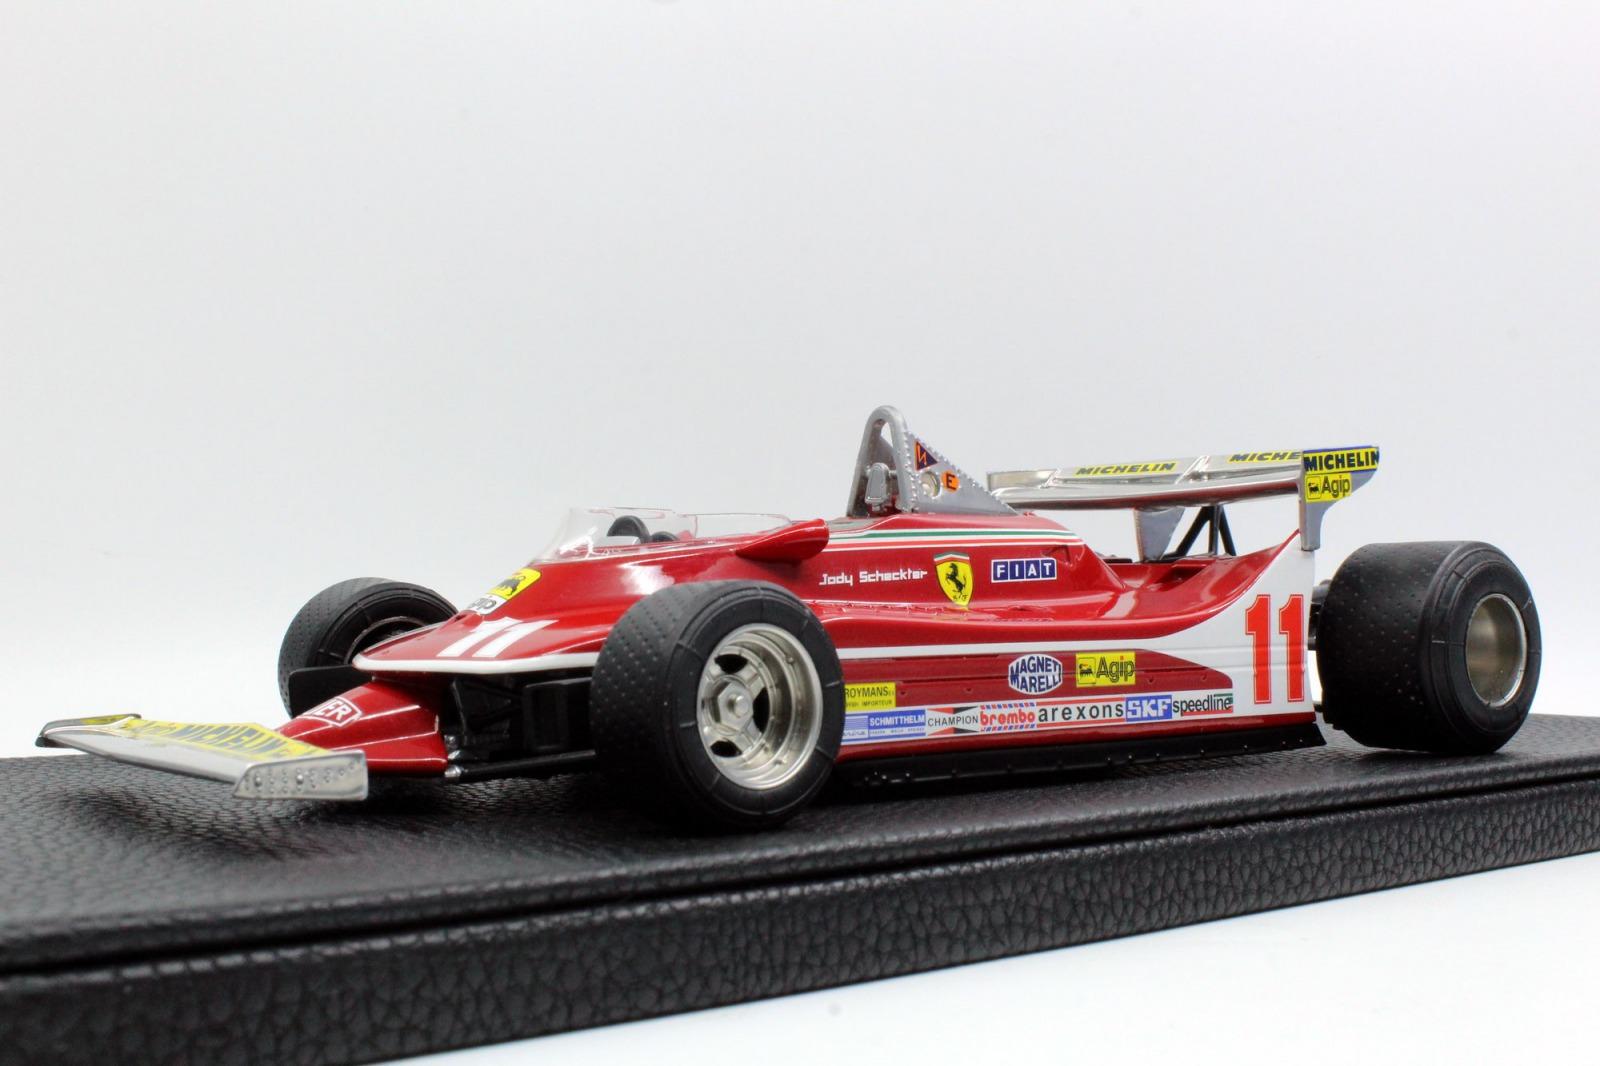 GP Replicas 1:18スケール レジン・プロポーションモデル 1979年モンテカルロGP優勝 フェラーリ F1 312T4 No11 J.Skeckter(ジョディー・シェクター)FERRARI - F1 312T4 N 11 GP MONTECARLO 1979 J.SCHECKTER 1979 WORLD CHAMPION